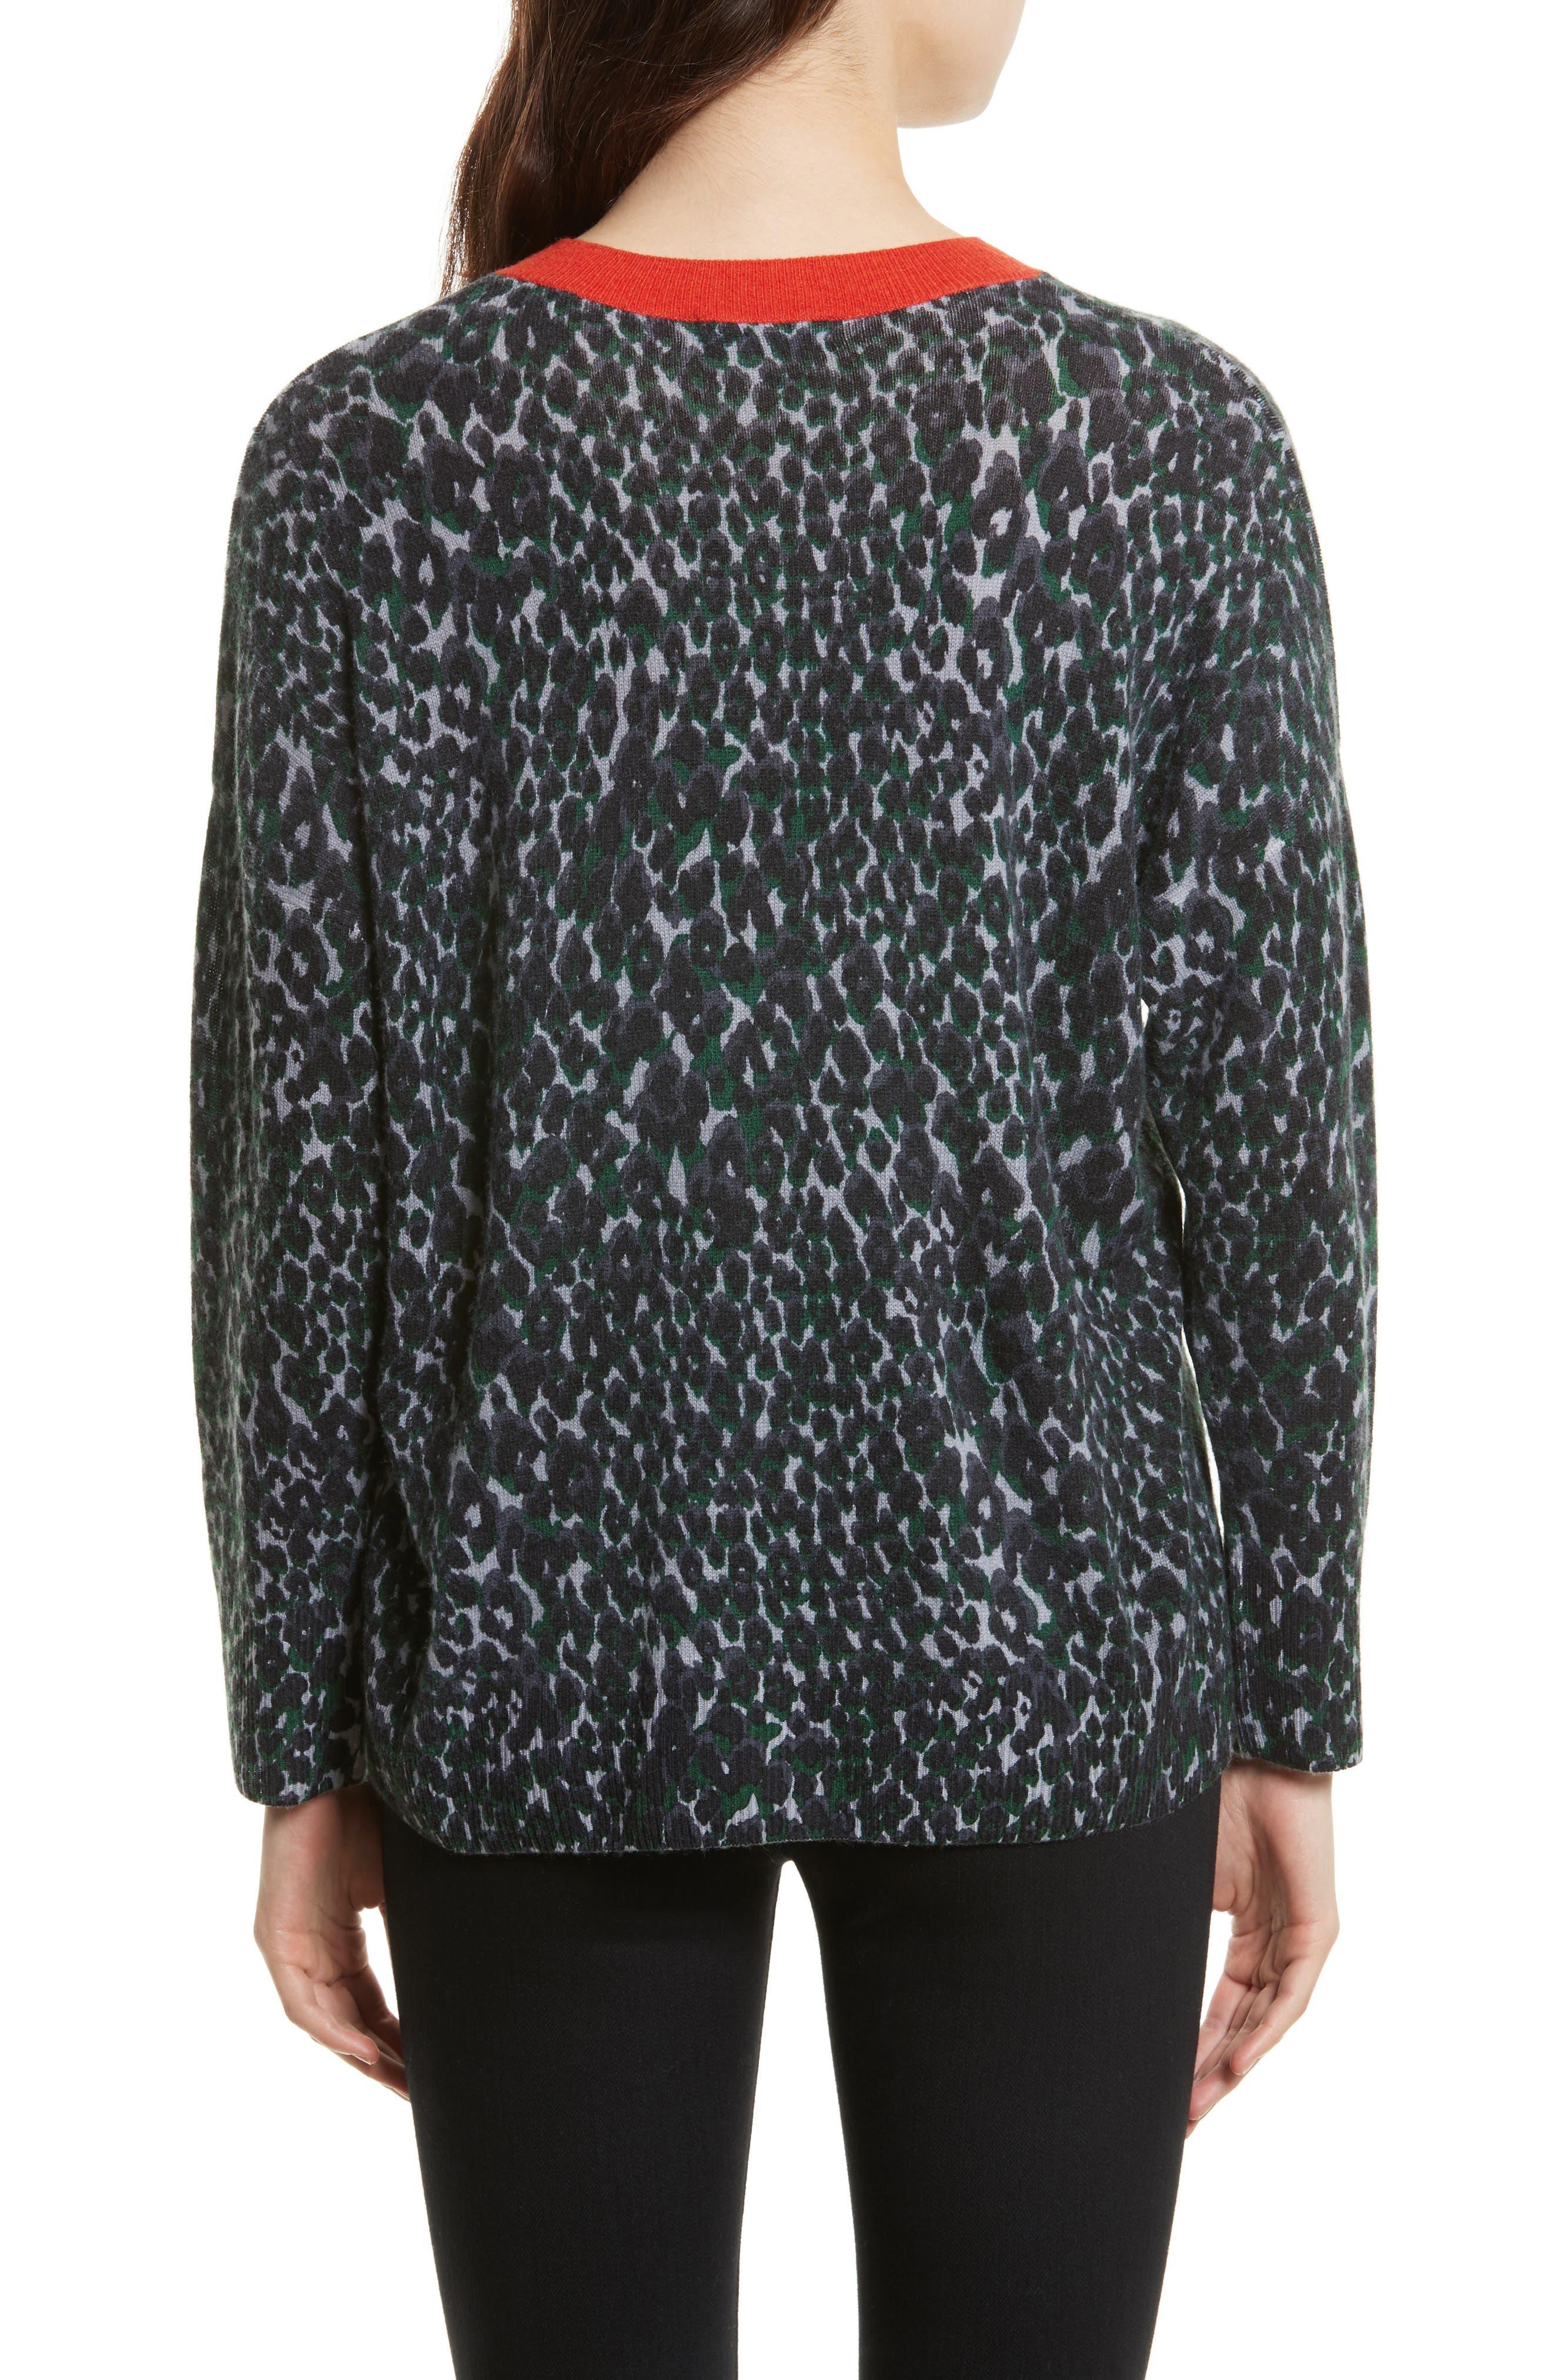 Melanie Leopard Print Cashmere Sweater,                             Alternate thumbnail 2, color,                             073